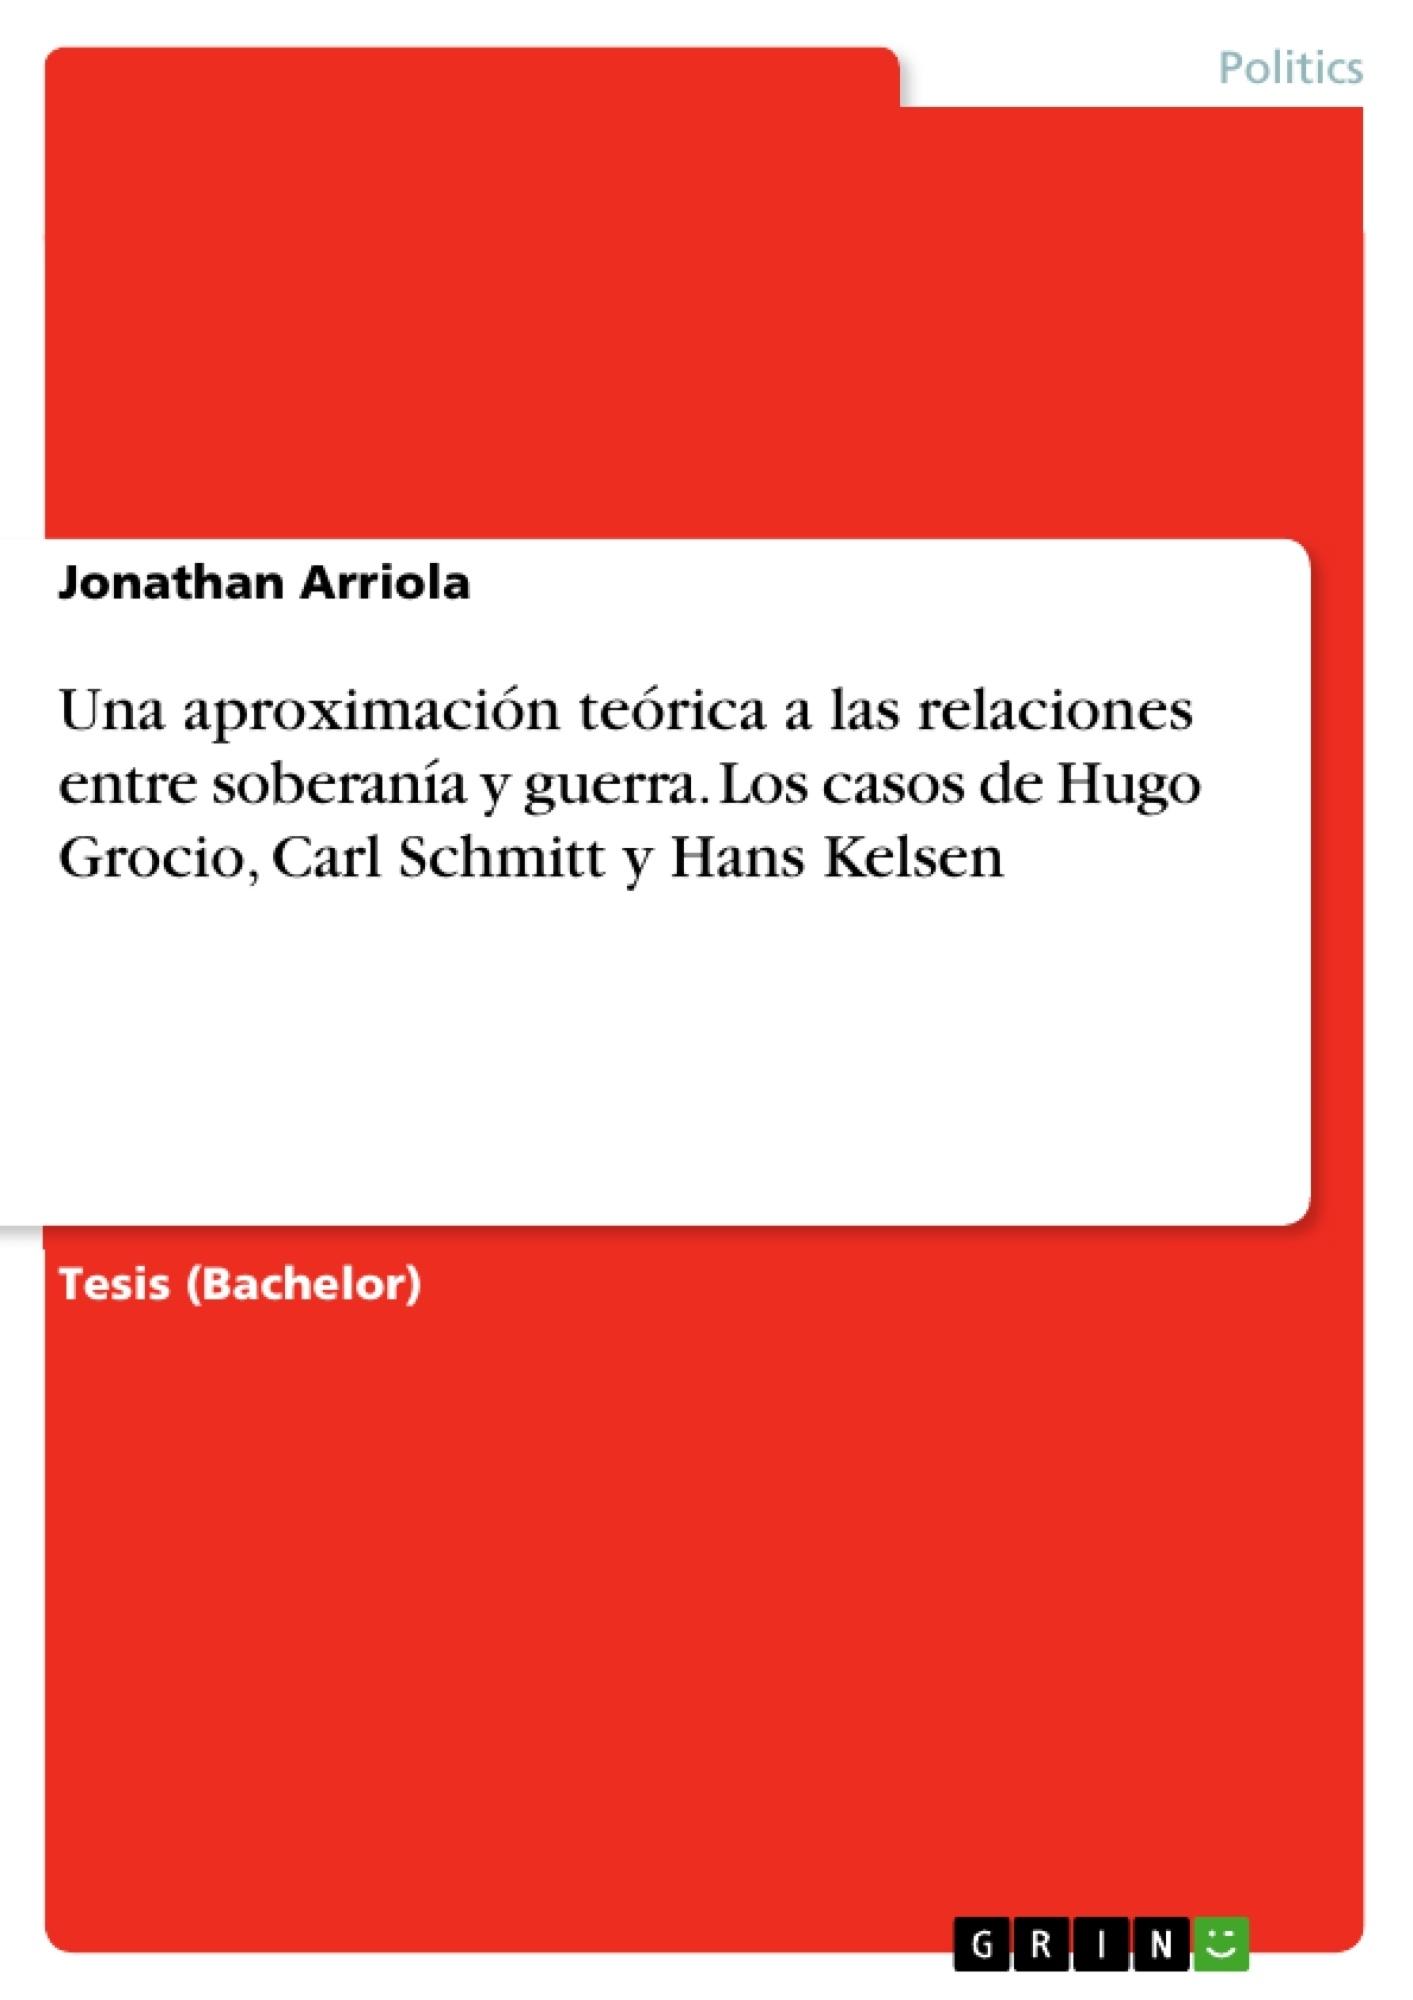 Título: Una aproximación teórica a las relaciones entre soberanía y guerra. Los casos de Hugo Grocio, Carl Schmitt y Hans Kelsen